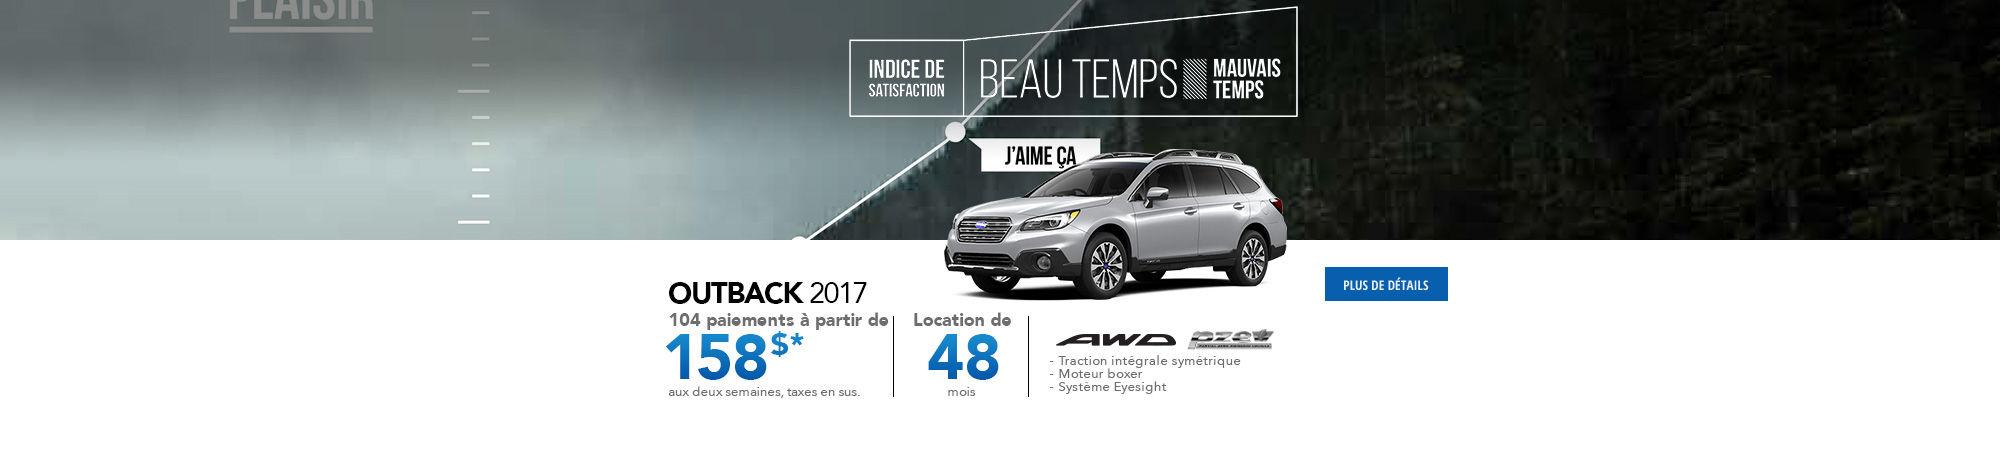 Beau Temps Outback 2017